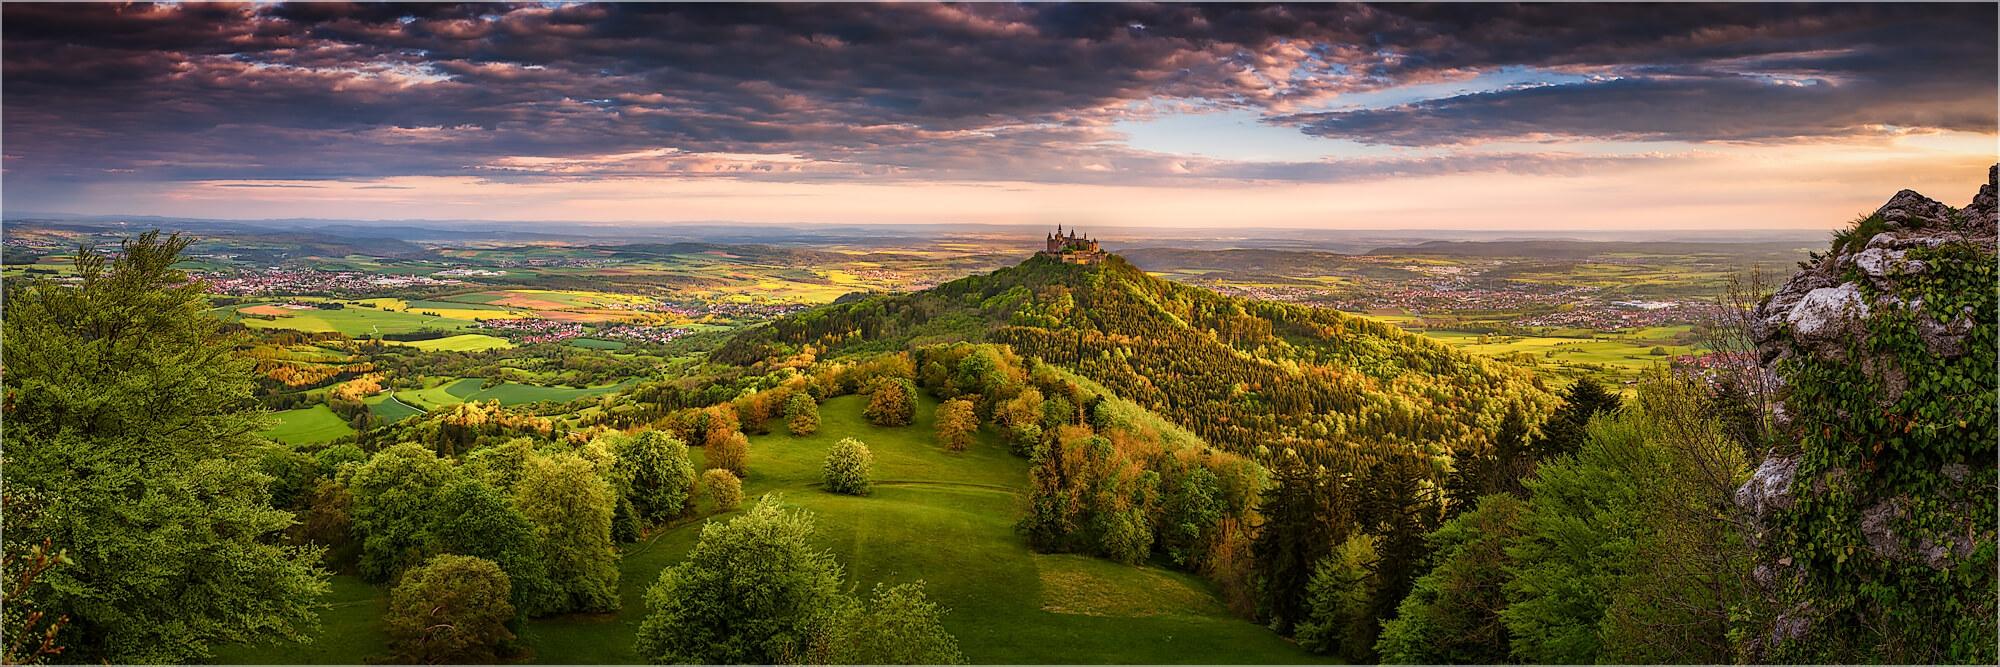 Panoramabild Sommermorgen auf der schwäbischen Alb